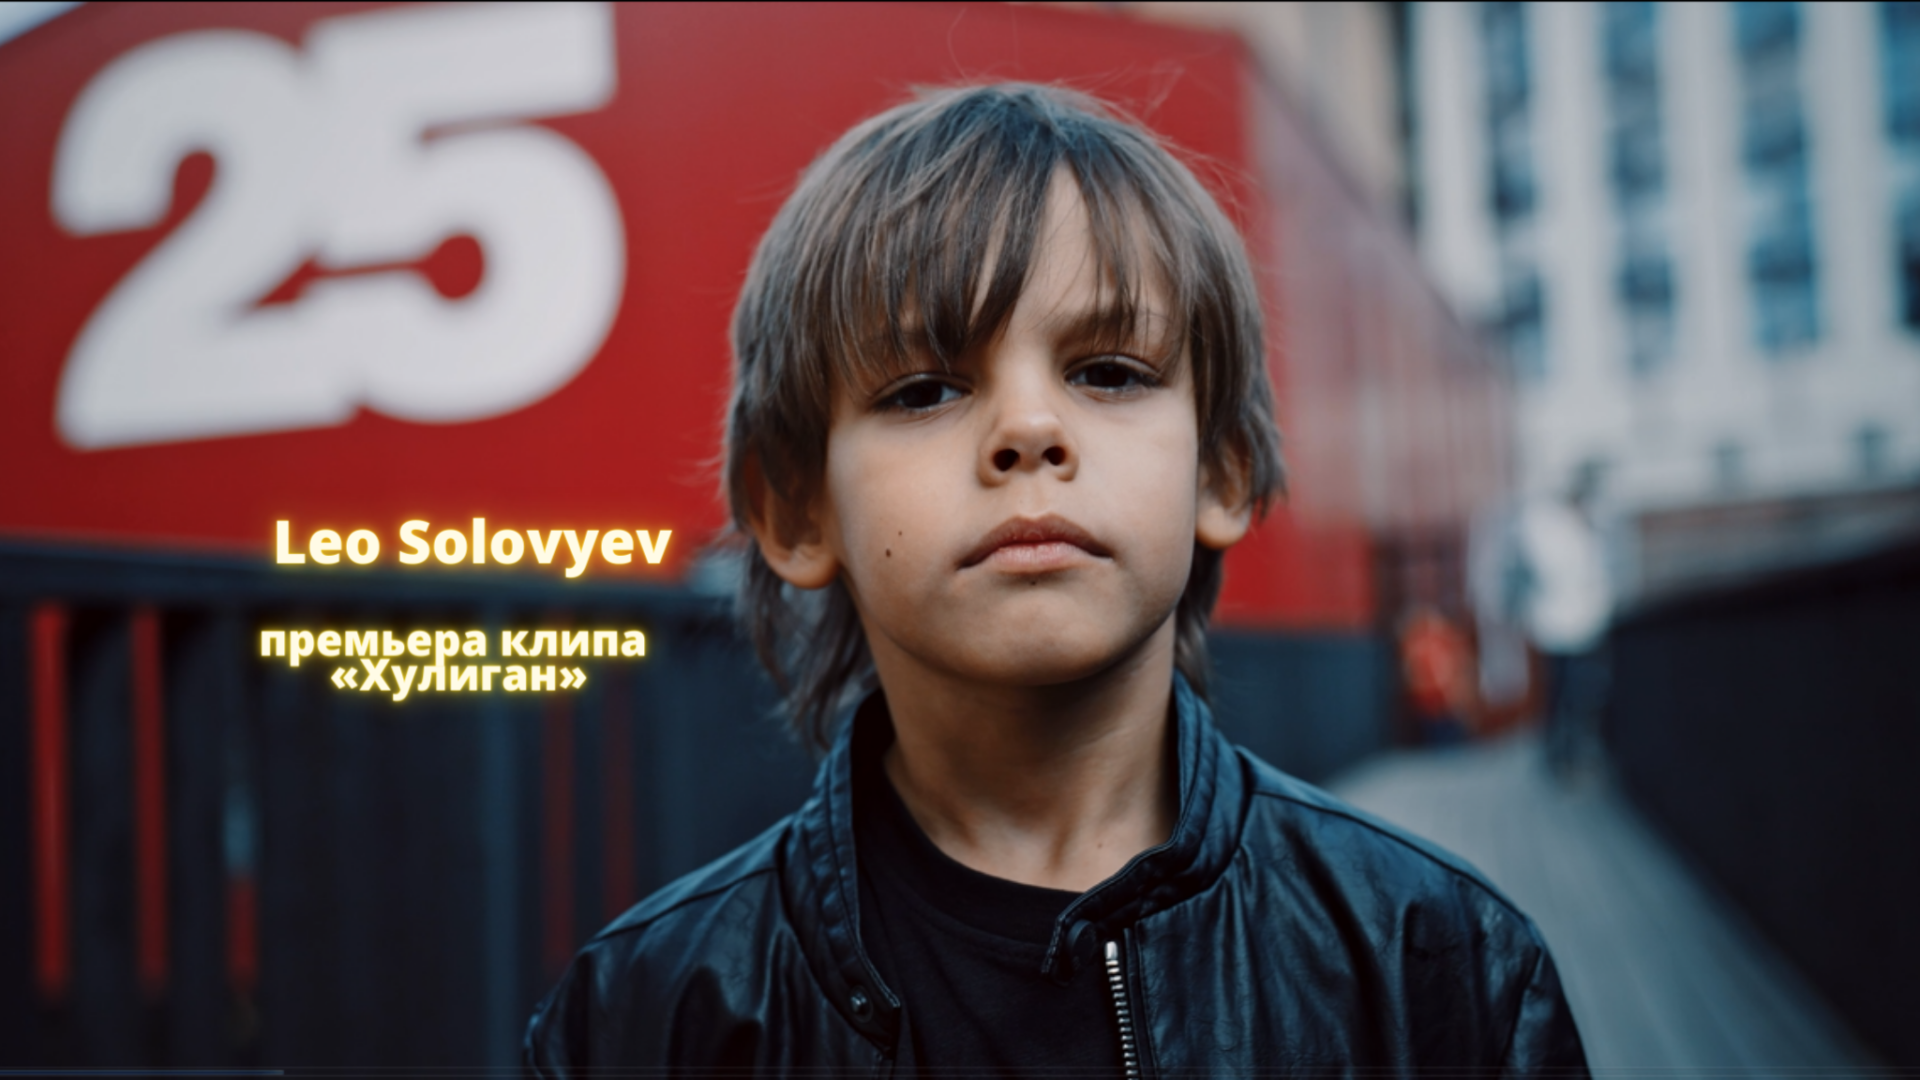 Самый молодой певец в мире Leo Solovyev выпустил клип на свою песню «Хулиган»